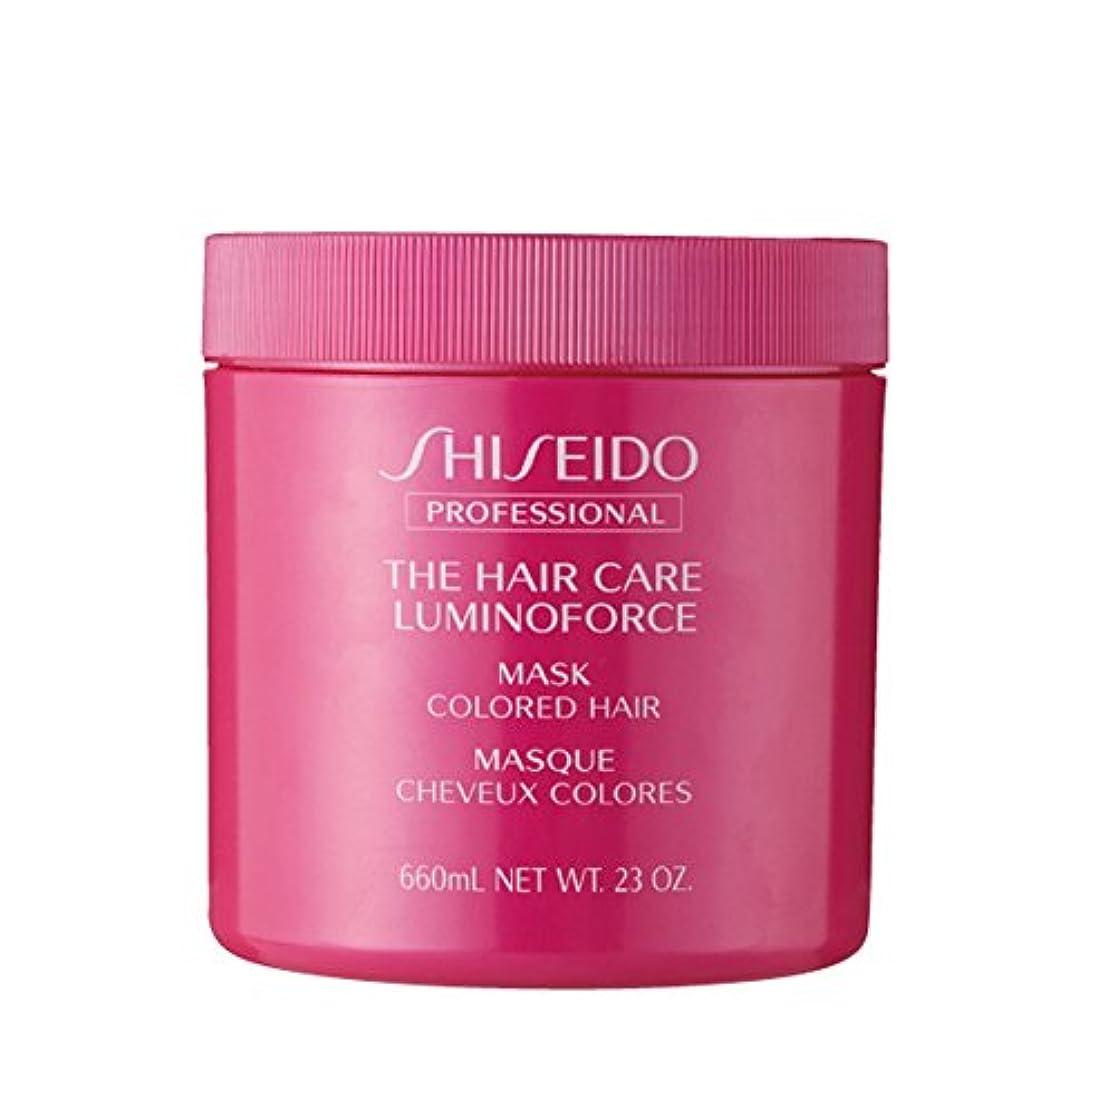 変形近傍深く資生堂 THC ルミノフォースマスク 680g ×3個 セットヘアカラーを繰り返したごわついた髪を、芯からしなやかでつややかな髪へSHISEIDO LUMINOFORCE